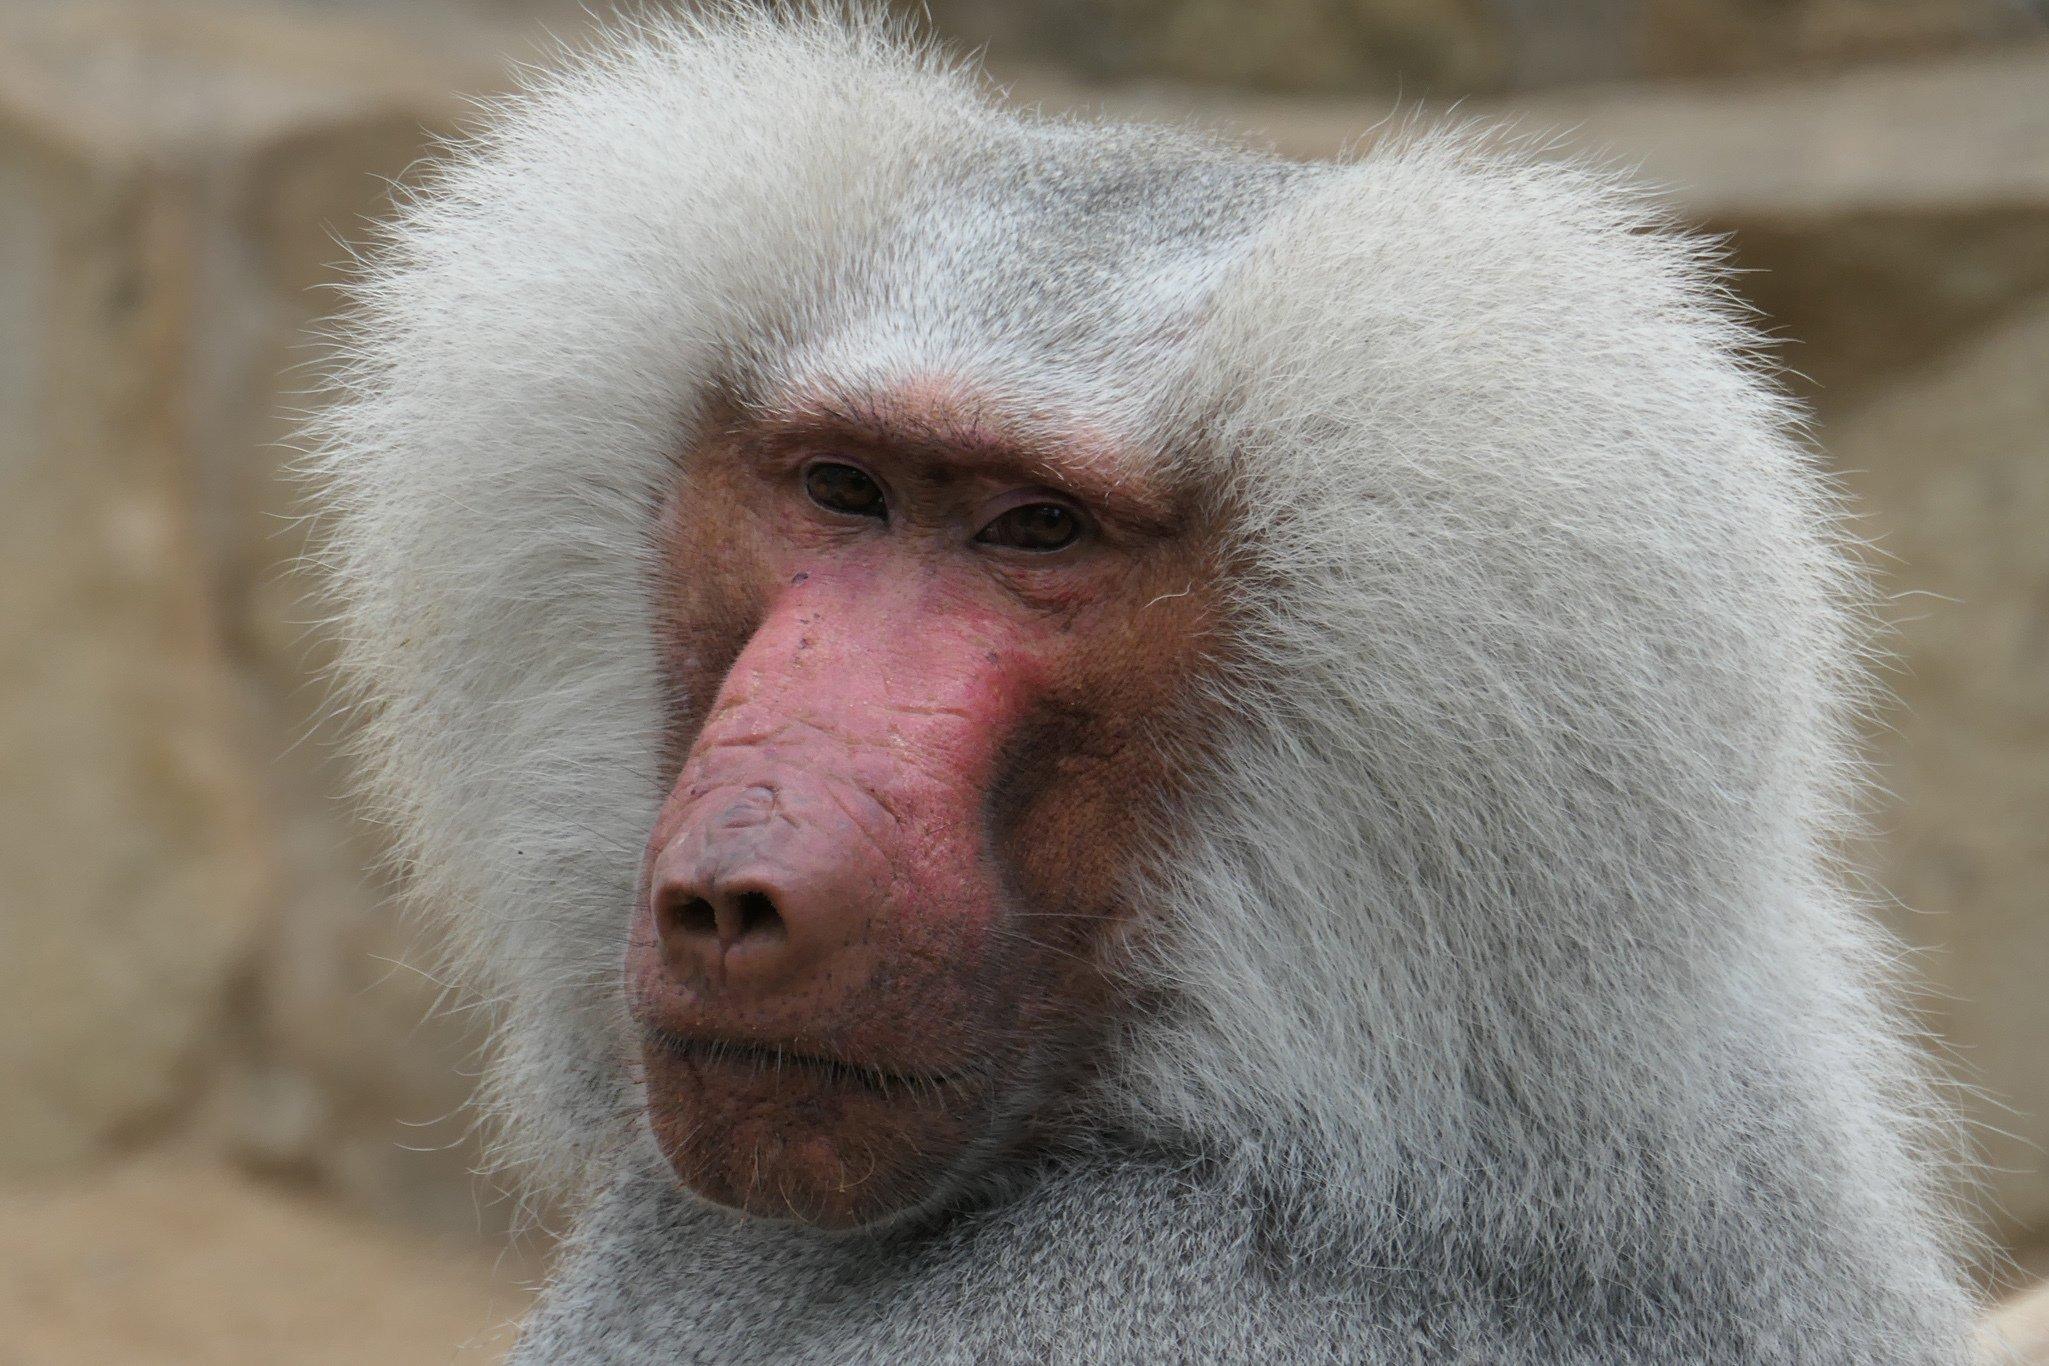 Das Foto zeigt in Großaufnahme den Kopf eines männlichen Pavians im Zoologischen Garten Berlin. Er trägt eine auffällige silberne Mähne an beiden Seiten des Kopfes und sein Gesicht ist von Narben gezeichnet. Paviane leben in Gruppen in der afrikanischen Savanne und bewegen sich vierbeinig fort.